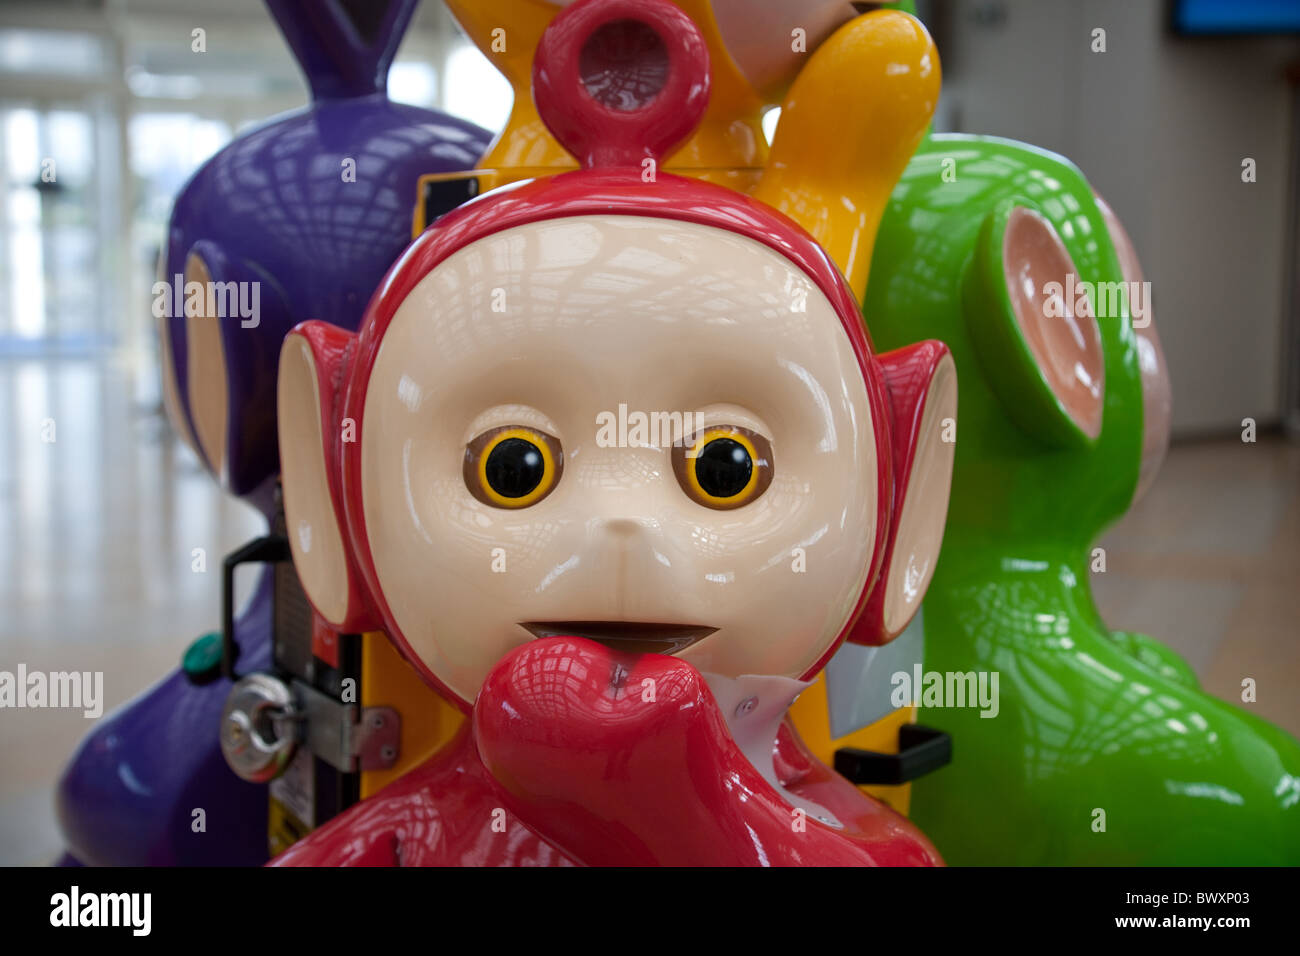 Teletubbies Po Not Personality Teletubby Stockfotos & Teletubbies Po ...